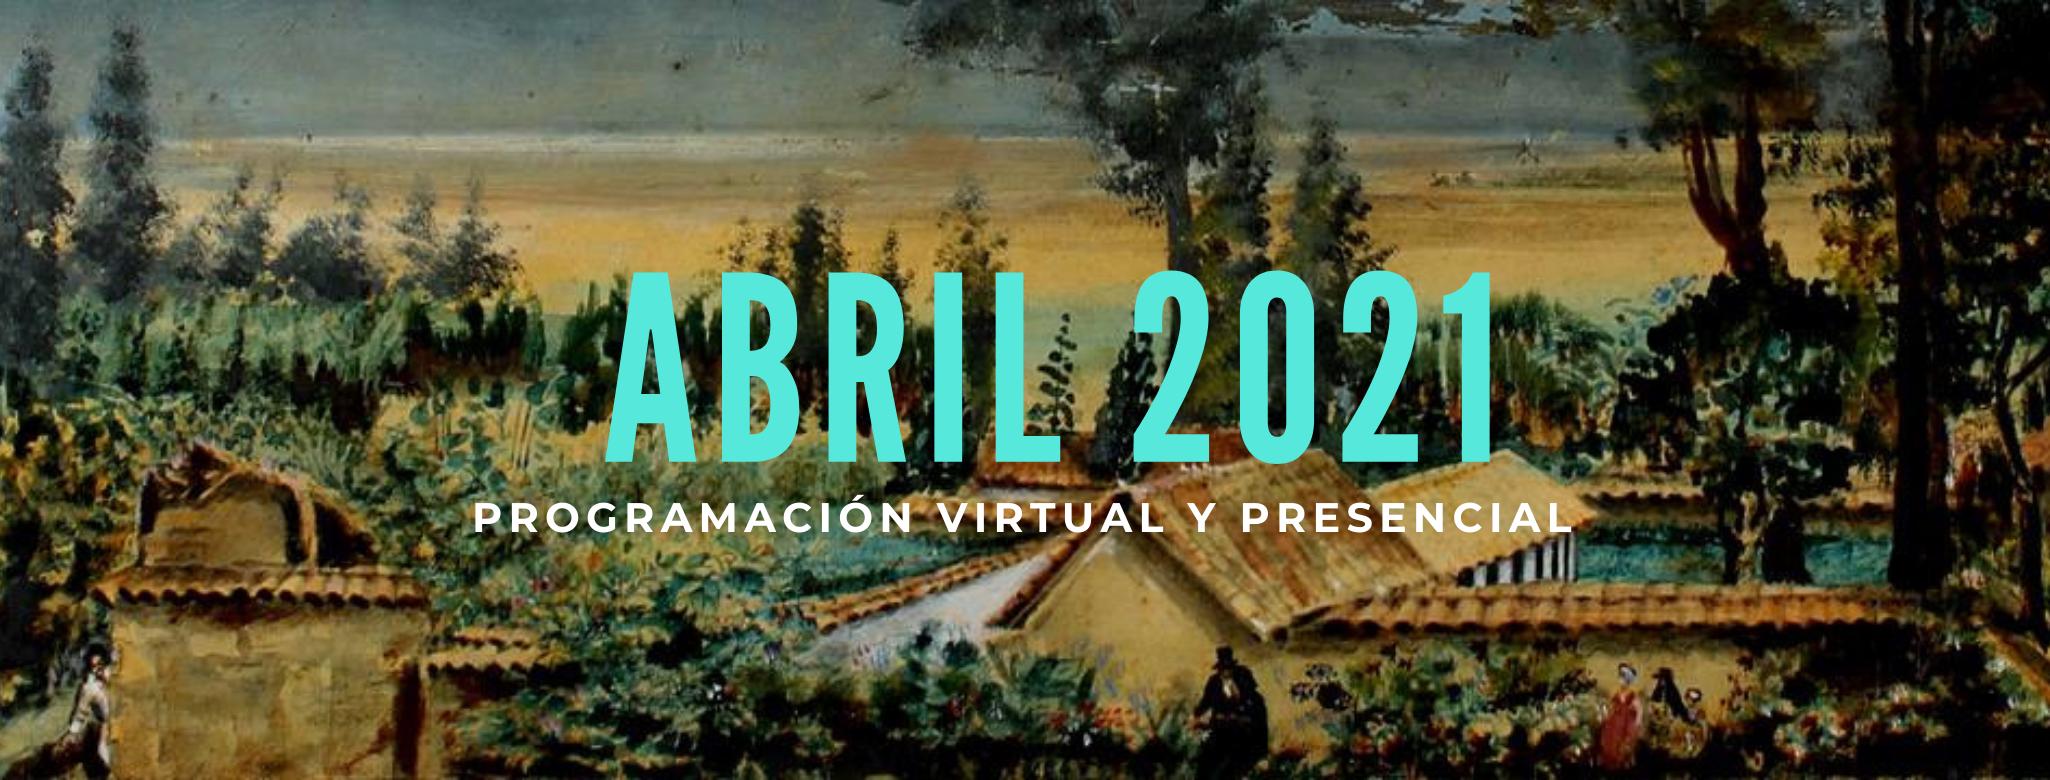 Programación abril 2021